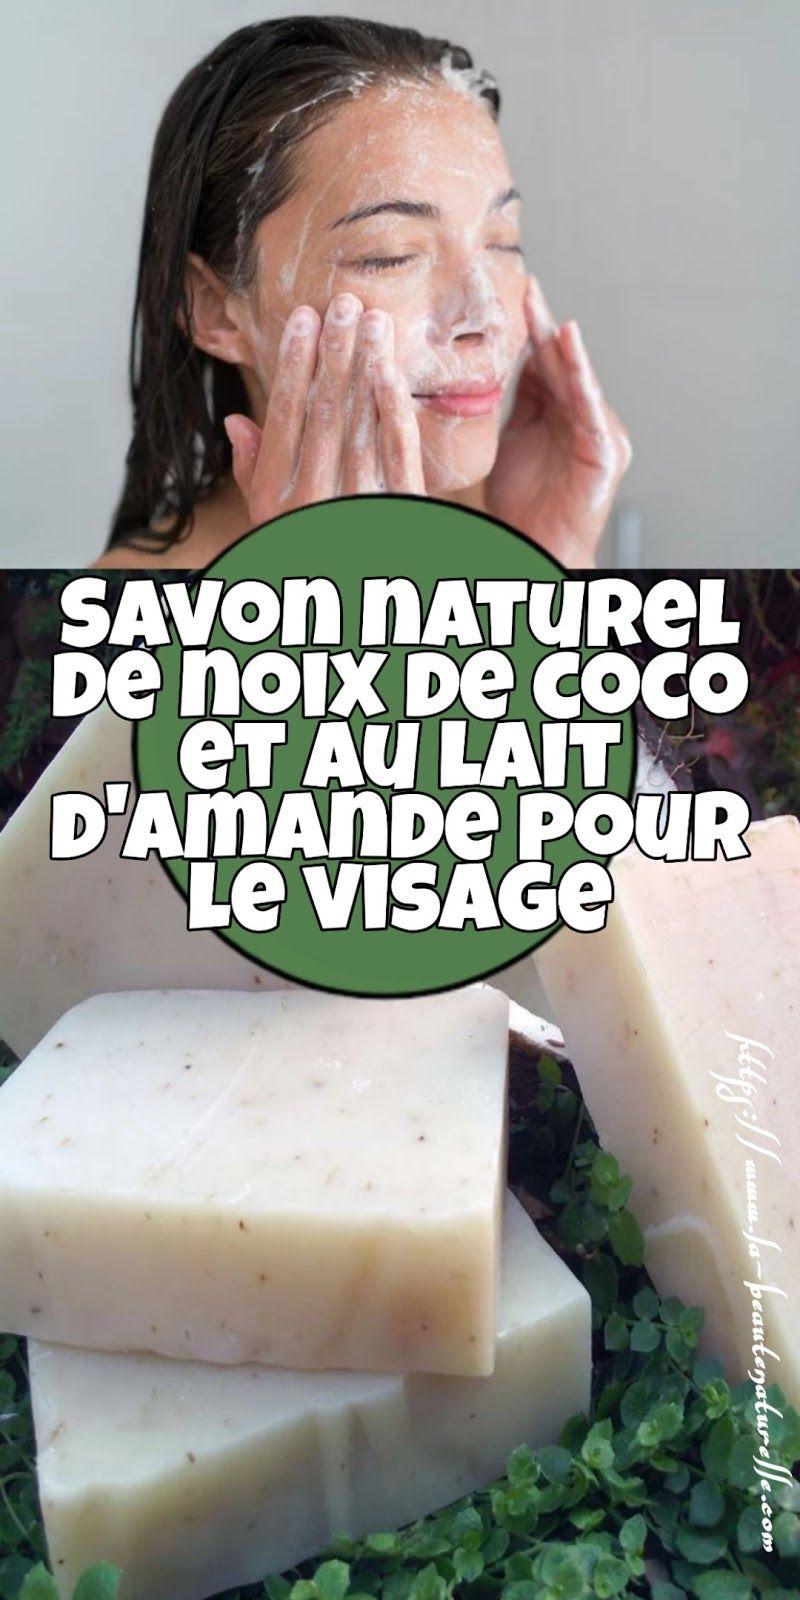 Savon naturel de noix de coco et au lait damande pour le visage